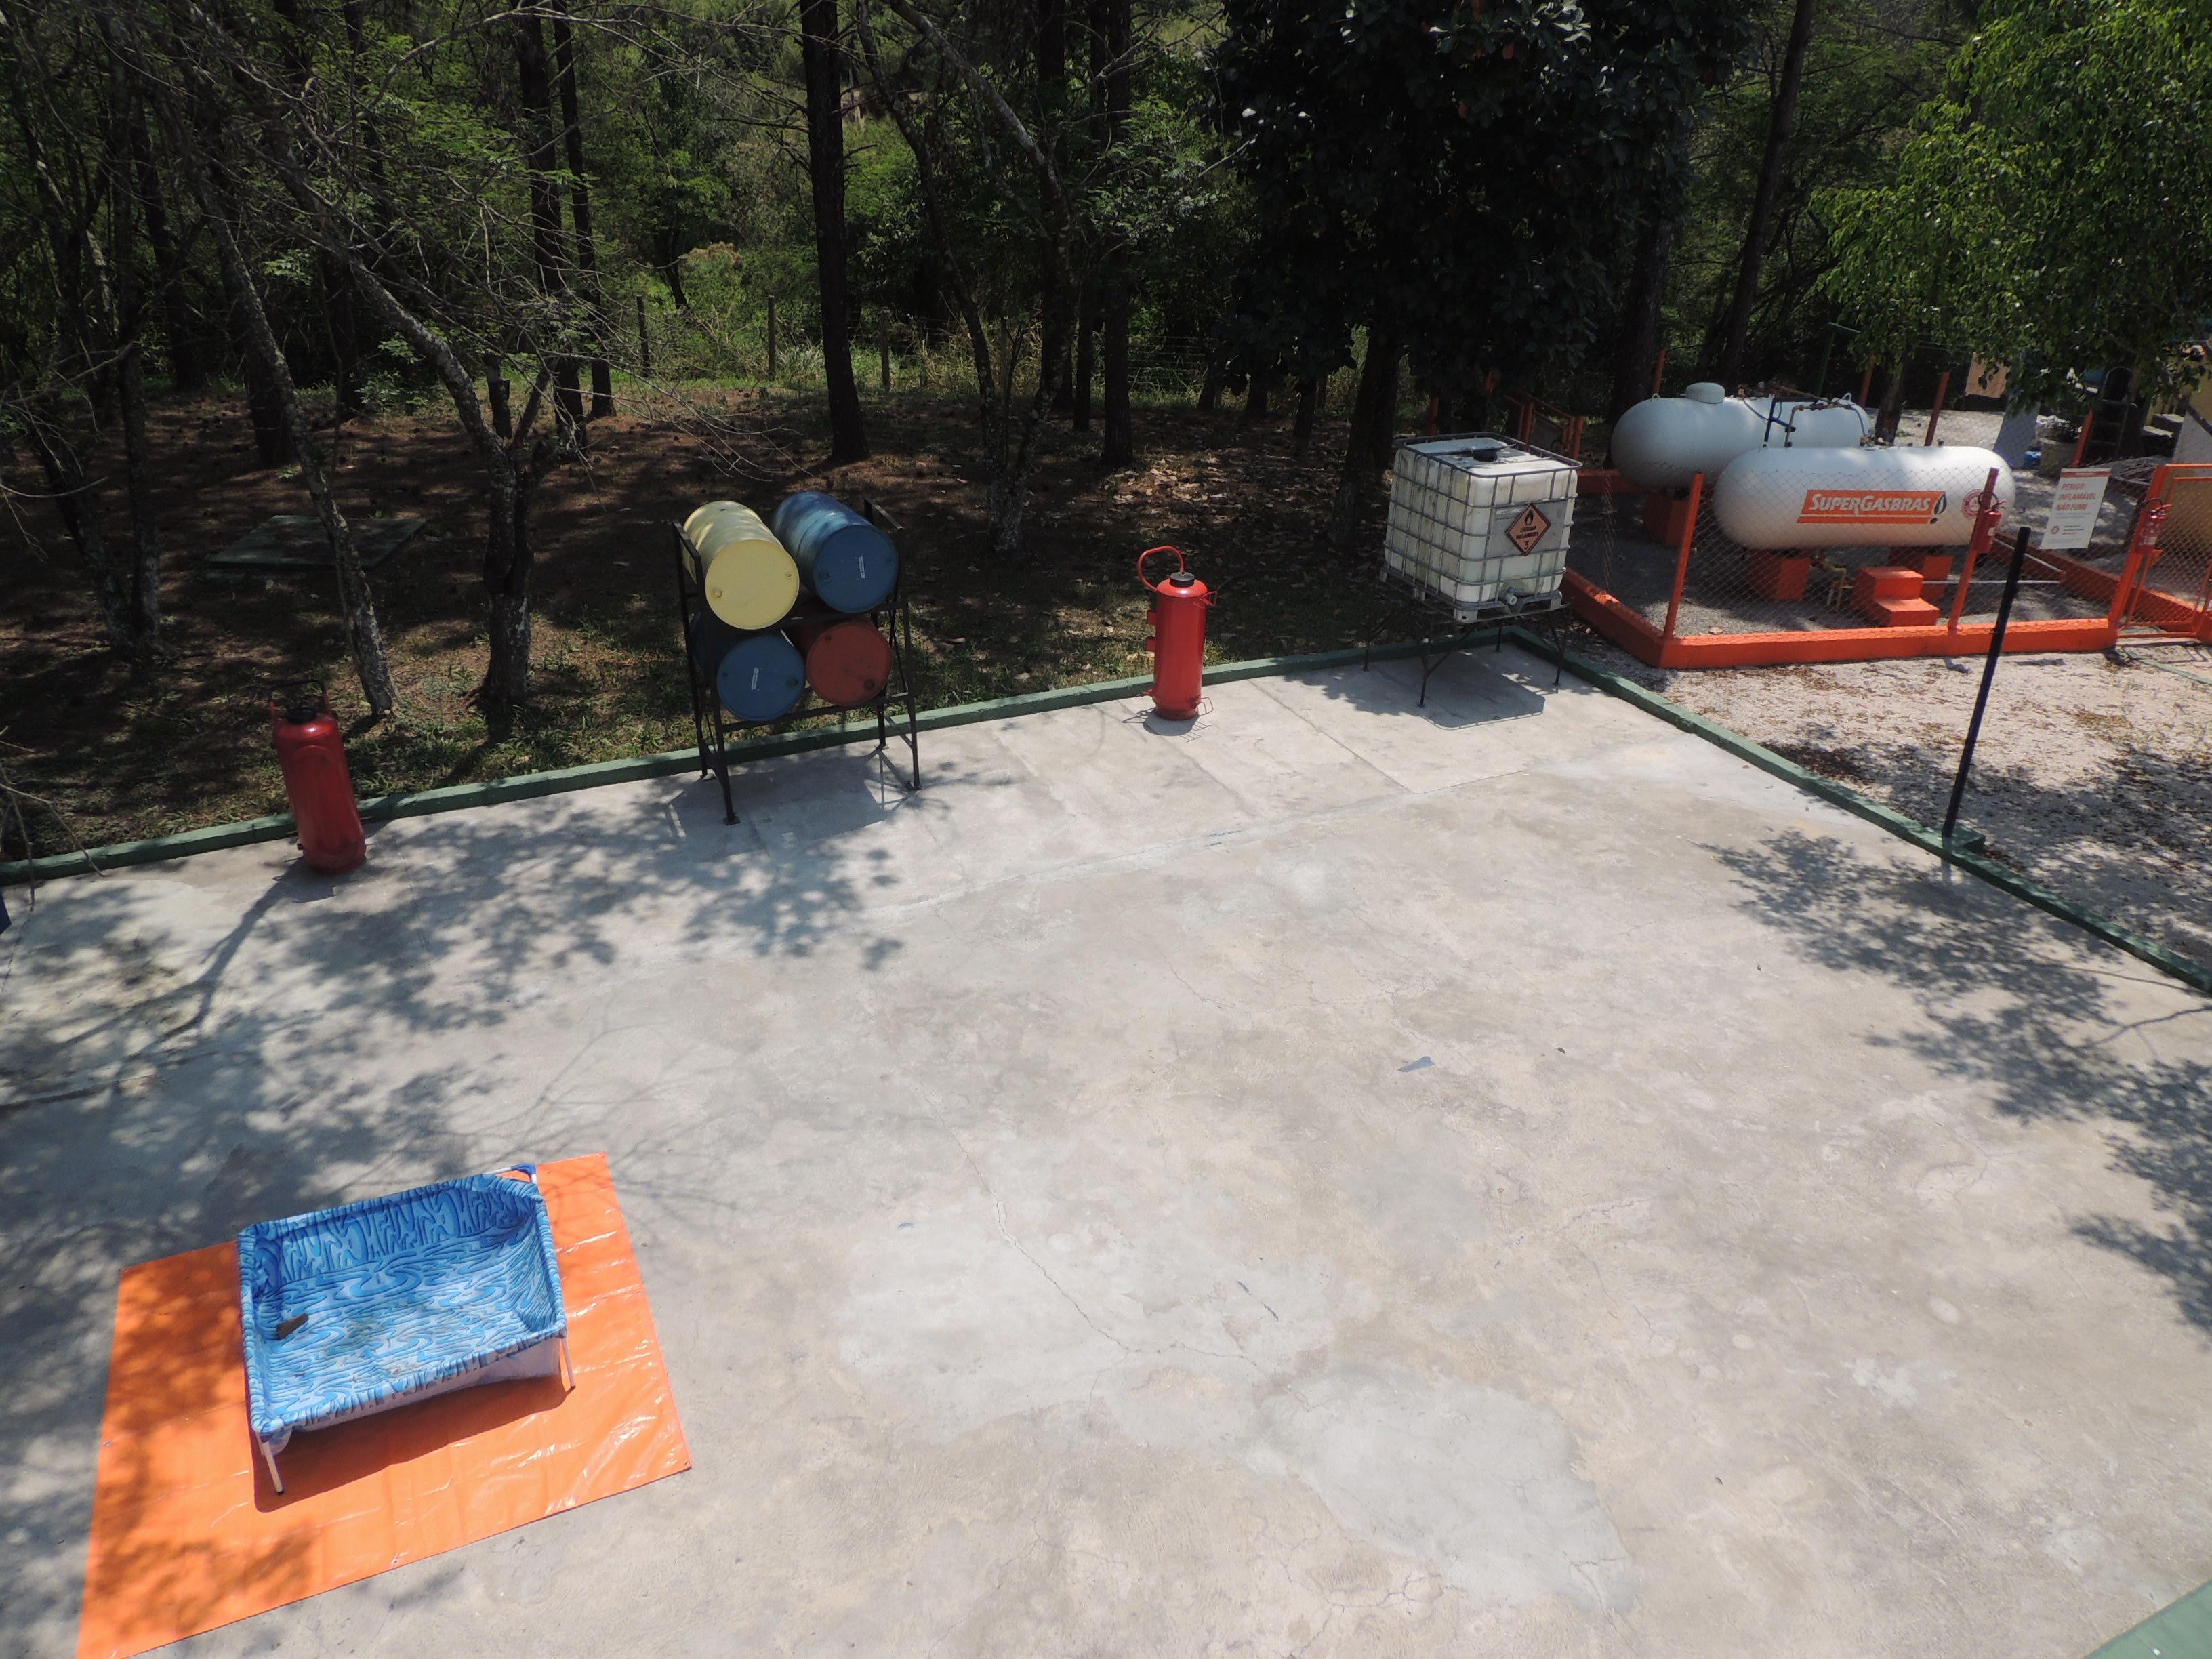 UNIDADE MOGI DAS CRUZES - Emergências Químicas - Mogi das Cruzes